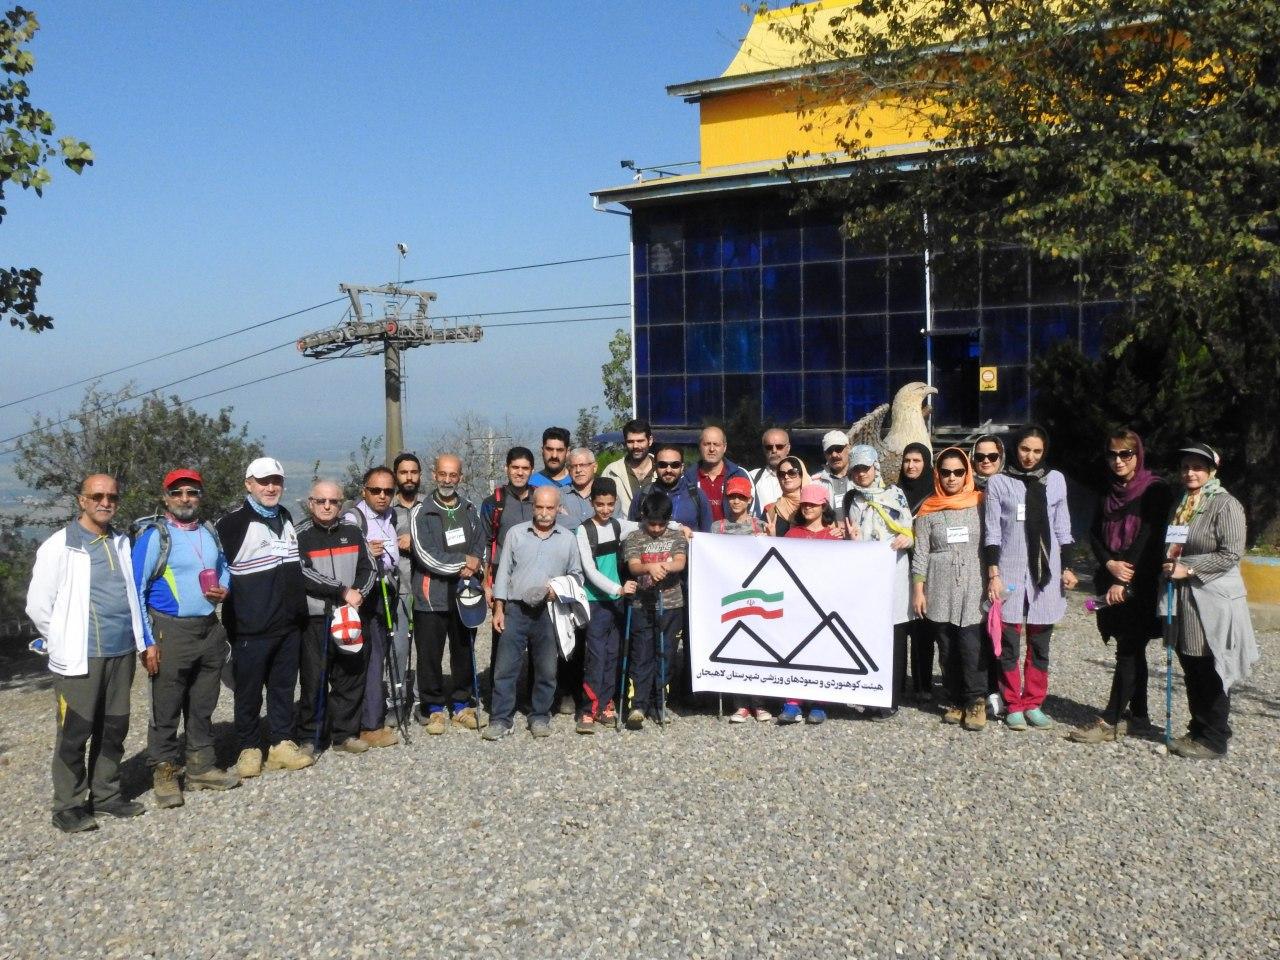 هیات کوهنوردی و صعود های ورزشی شهرستان لاهیجان به مناسبت هفته تربیت بدنی و ورزش برگزار نمود